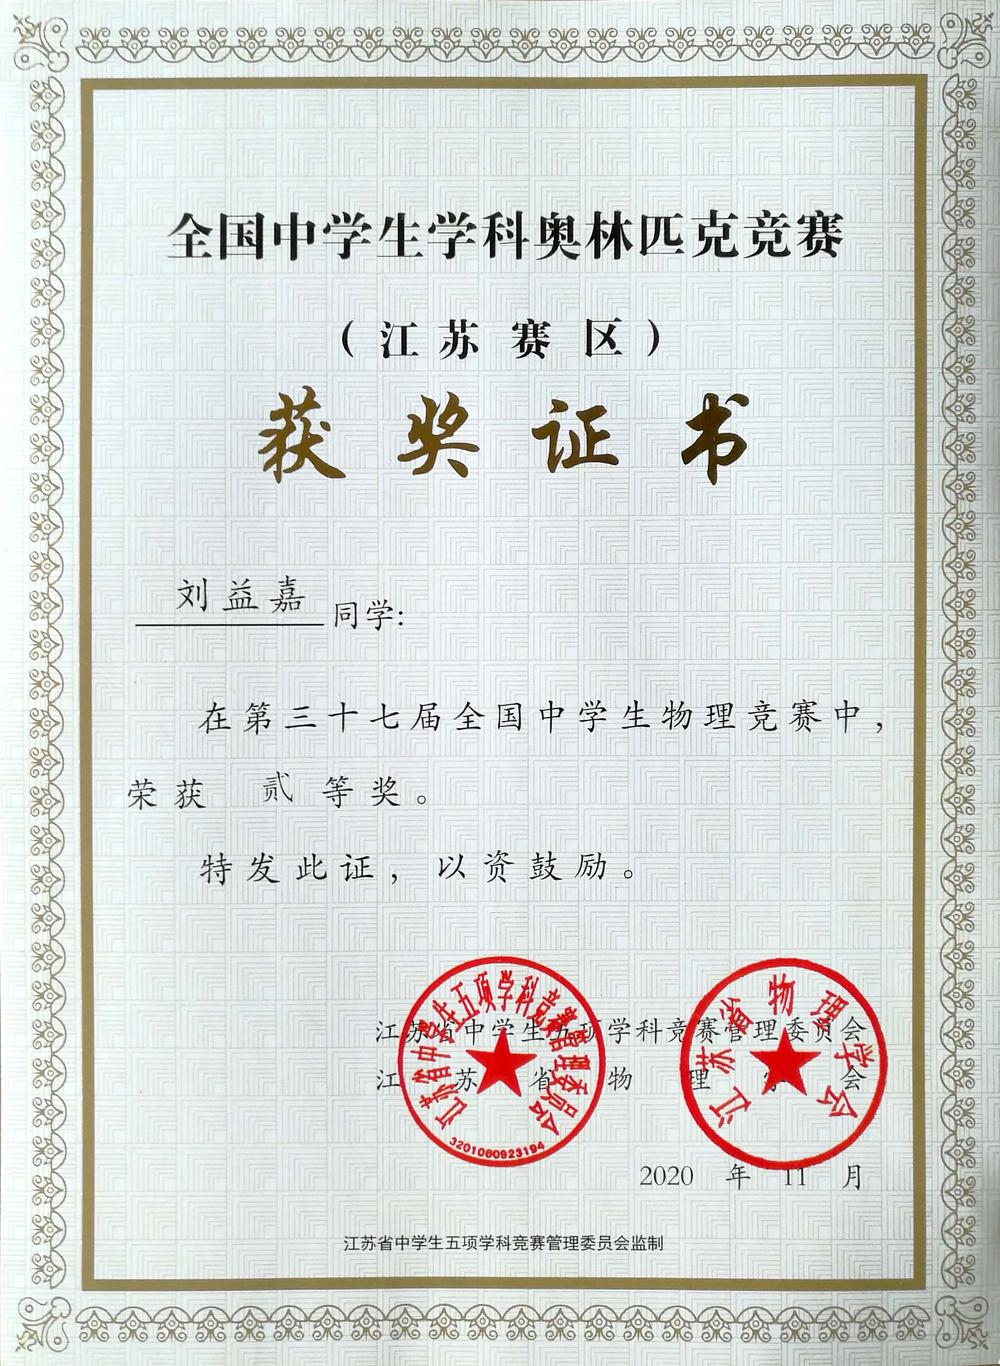 第37届全国中学生物理竞赛省二等奖.jpg